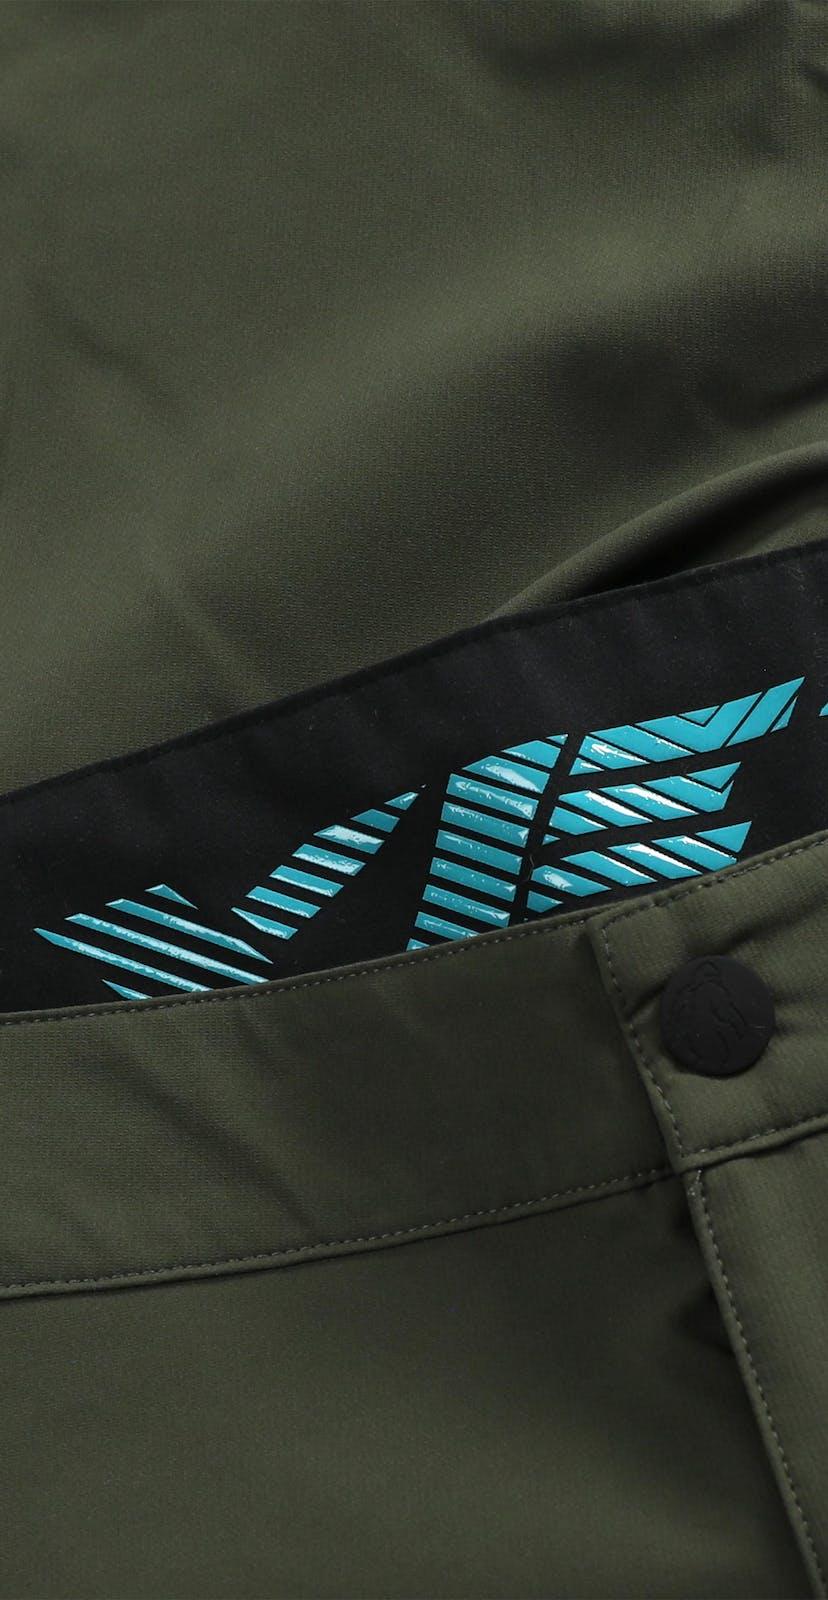 2020 Enduro Short Detail 2